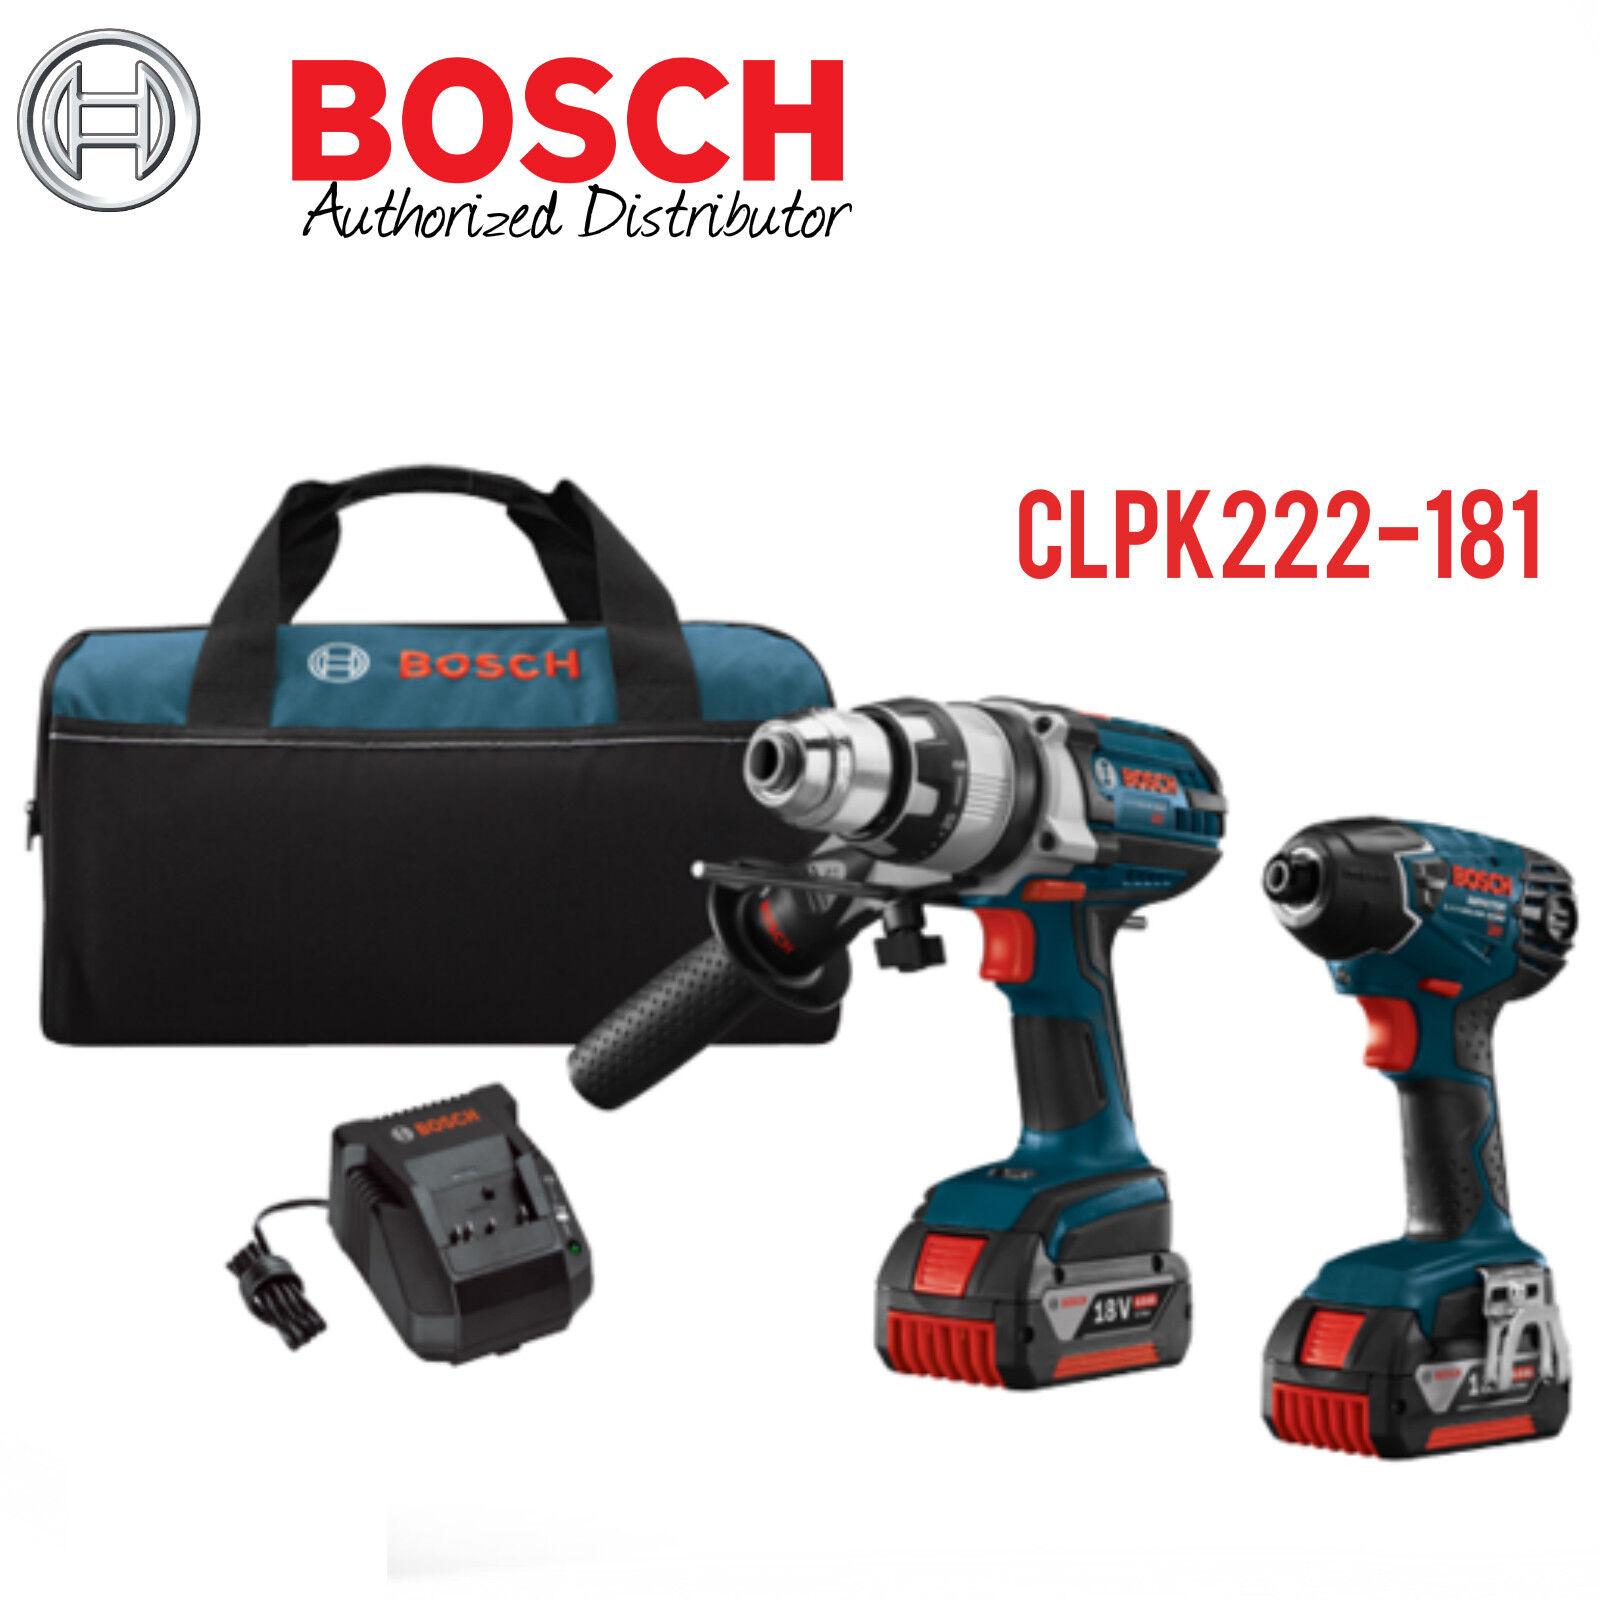 Bosch CLPK222-181 18V 1/2